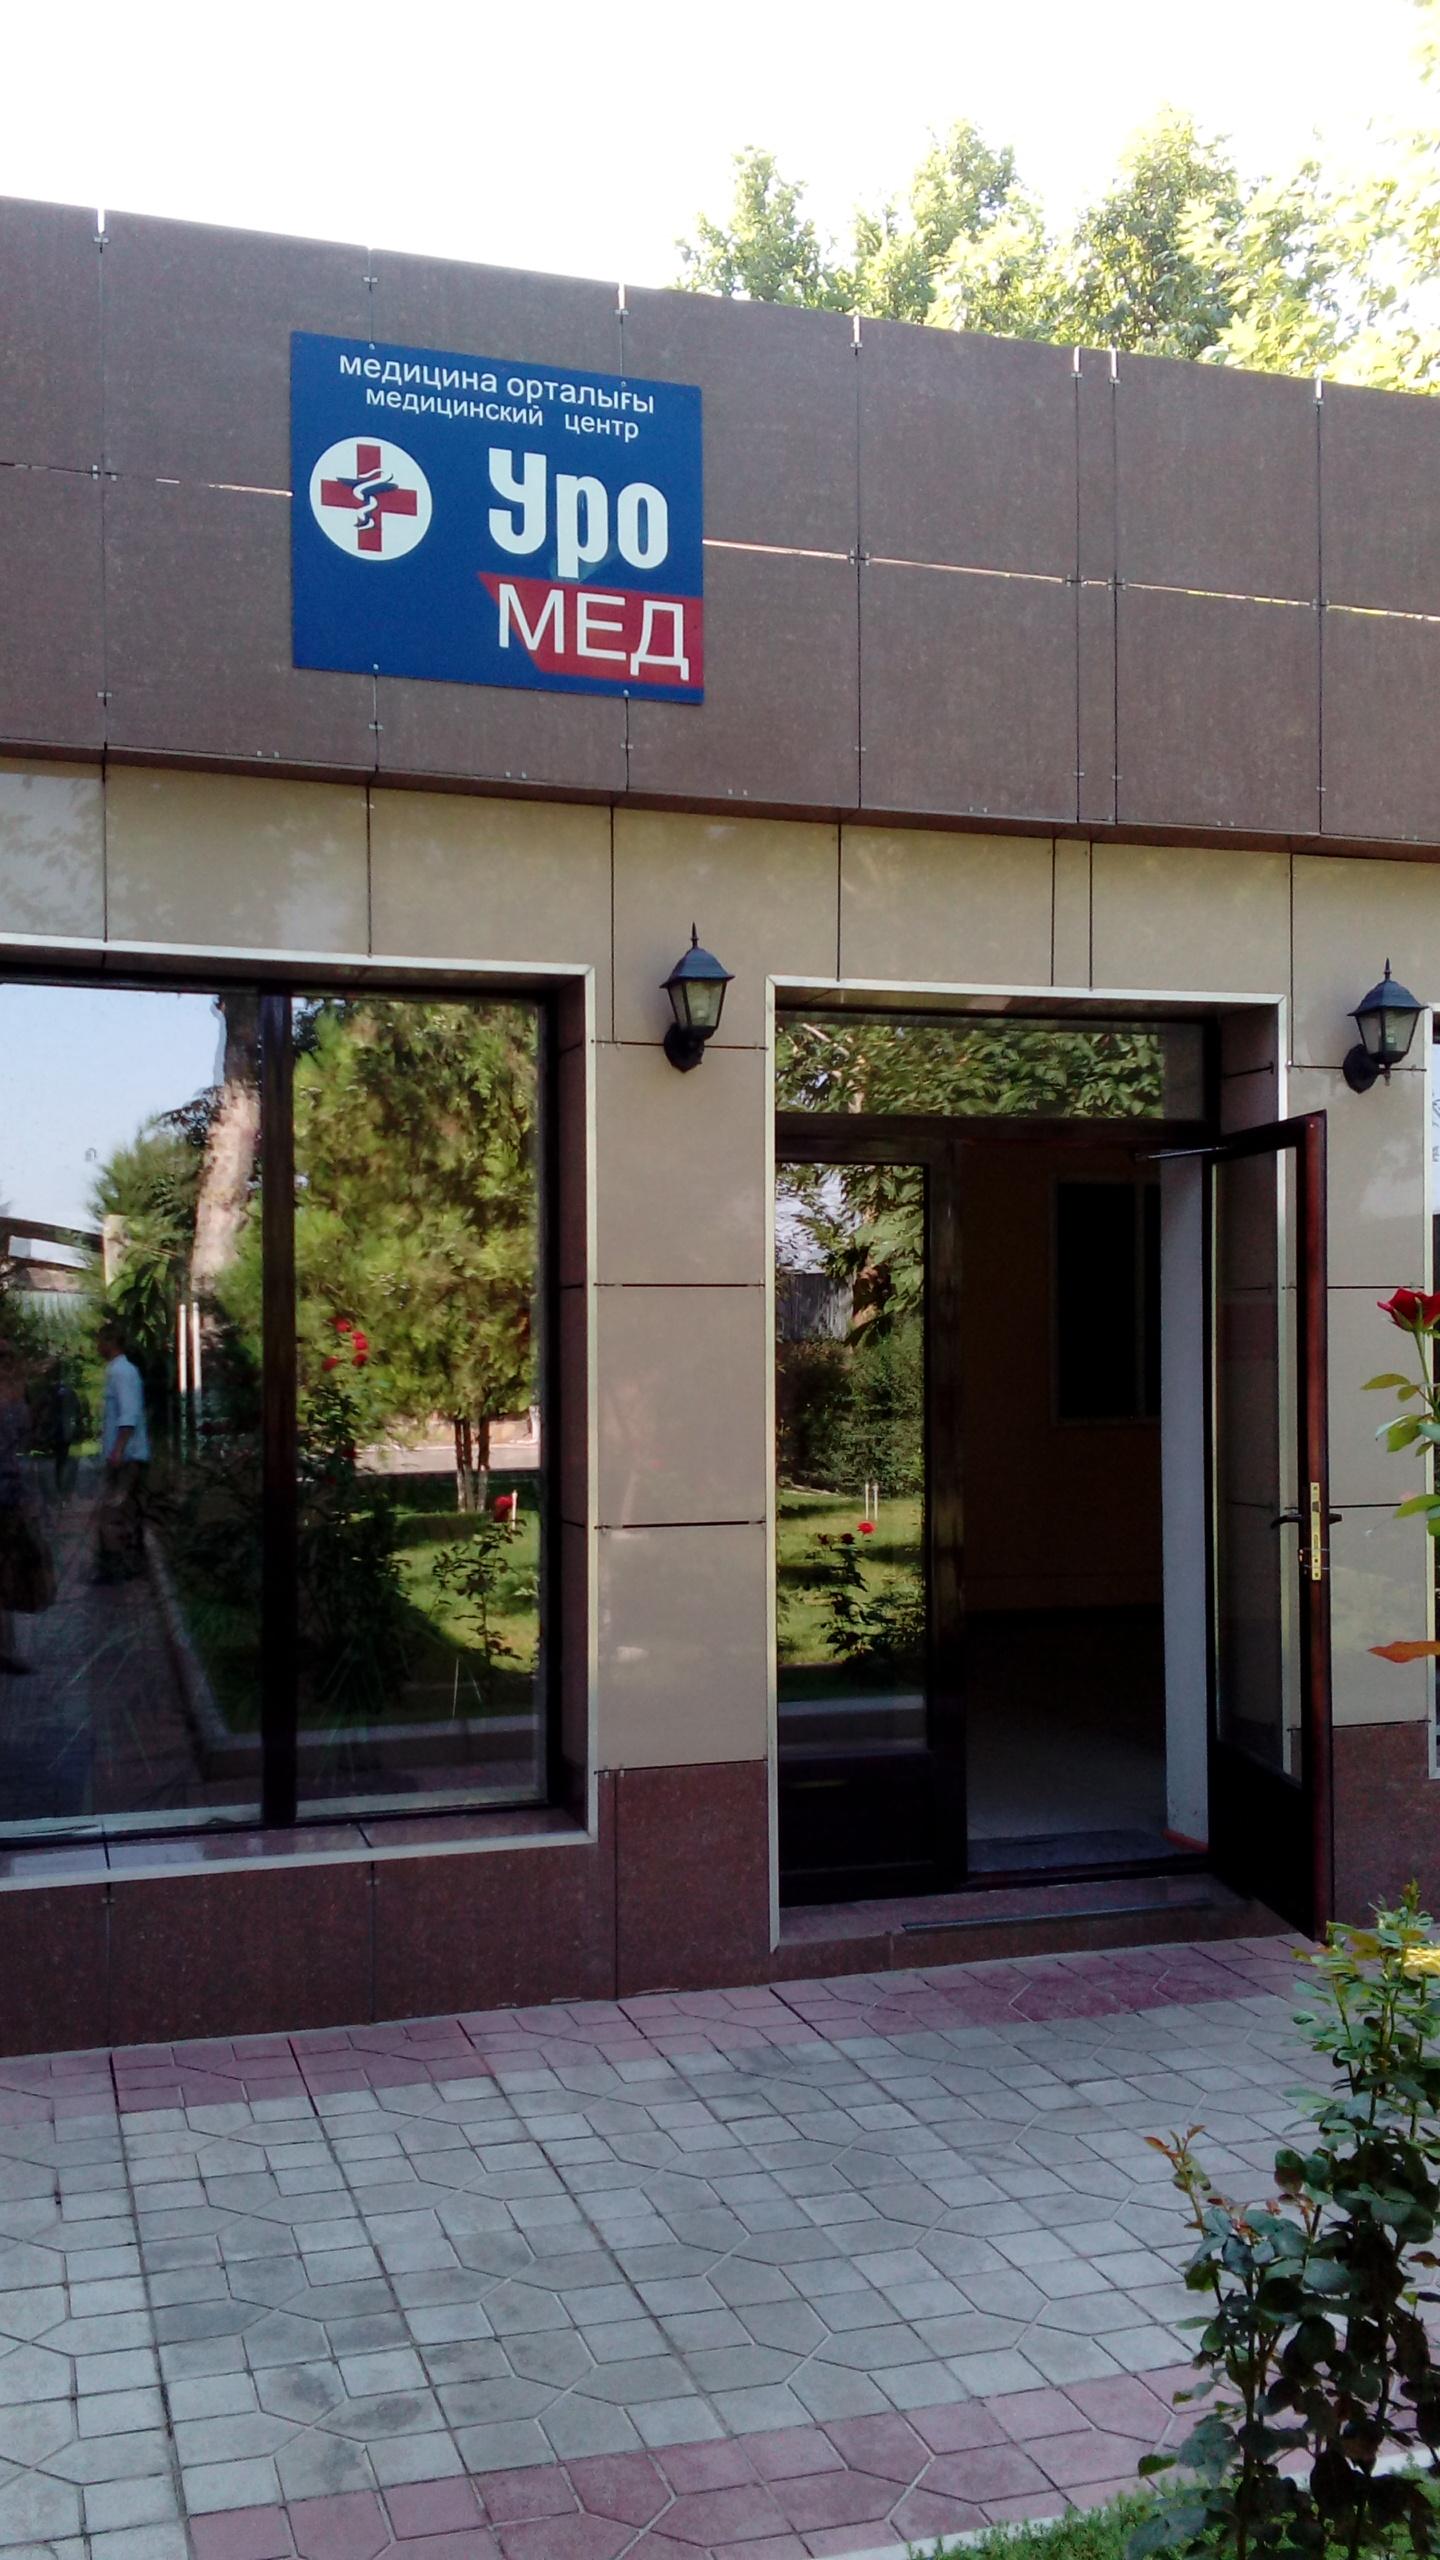 """""""УРО МЕД"""" медицина орталығы"""